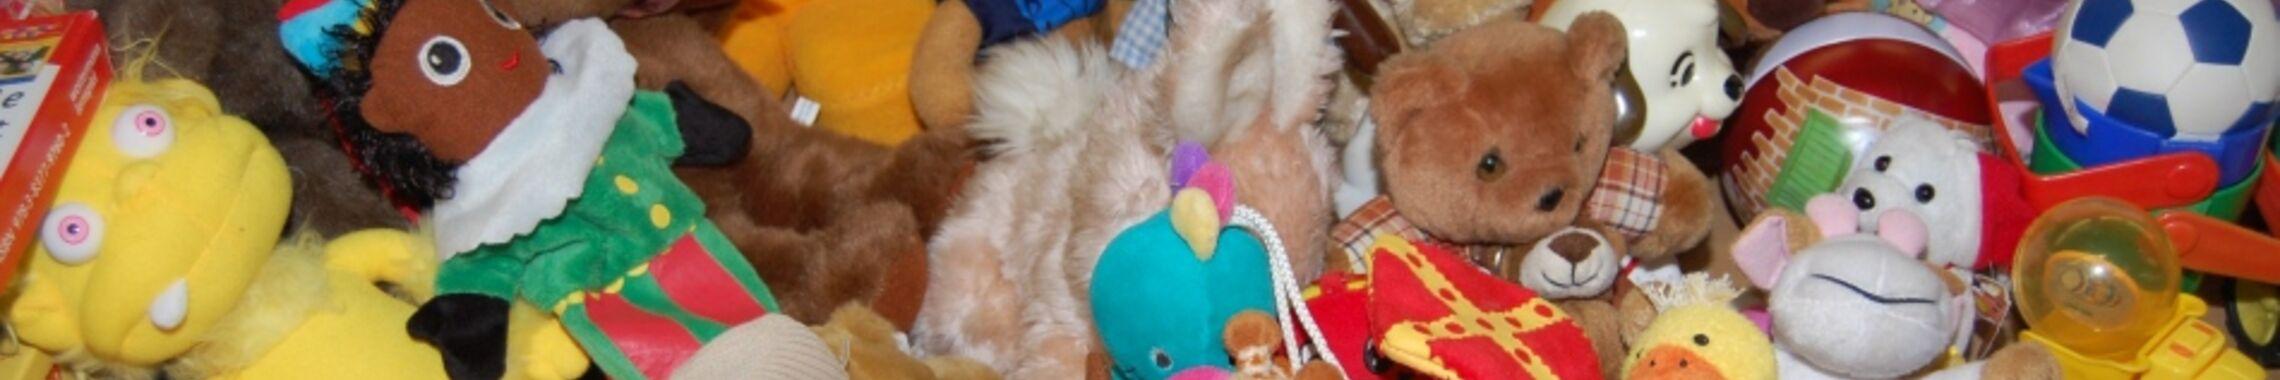 Kleider- und Spielzeugbörsen in der Matthäigemeinde Bingum